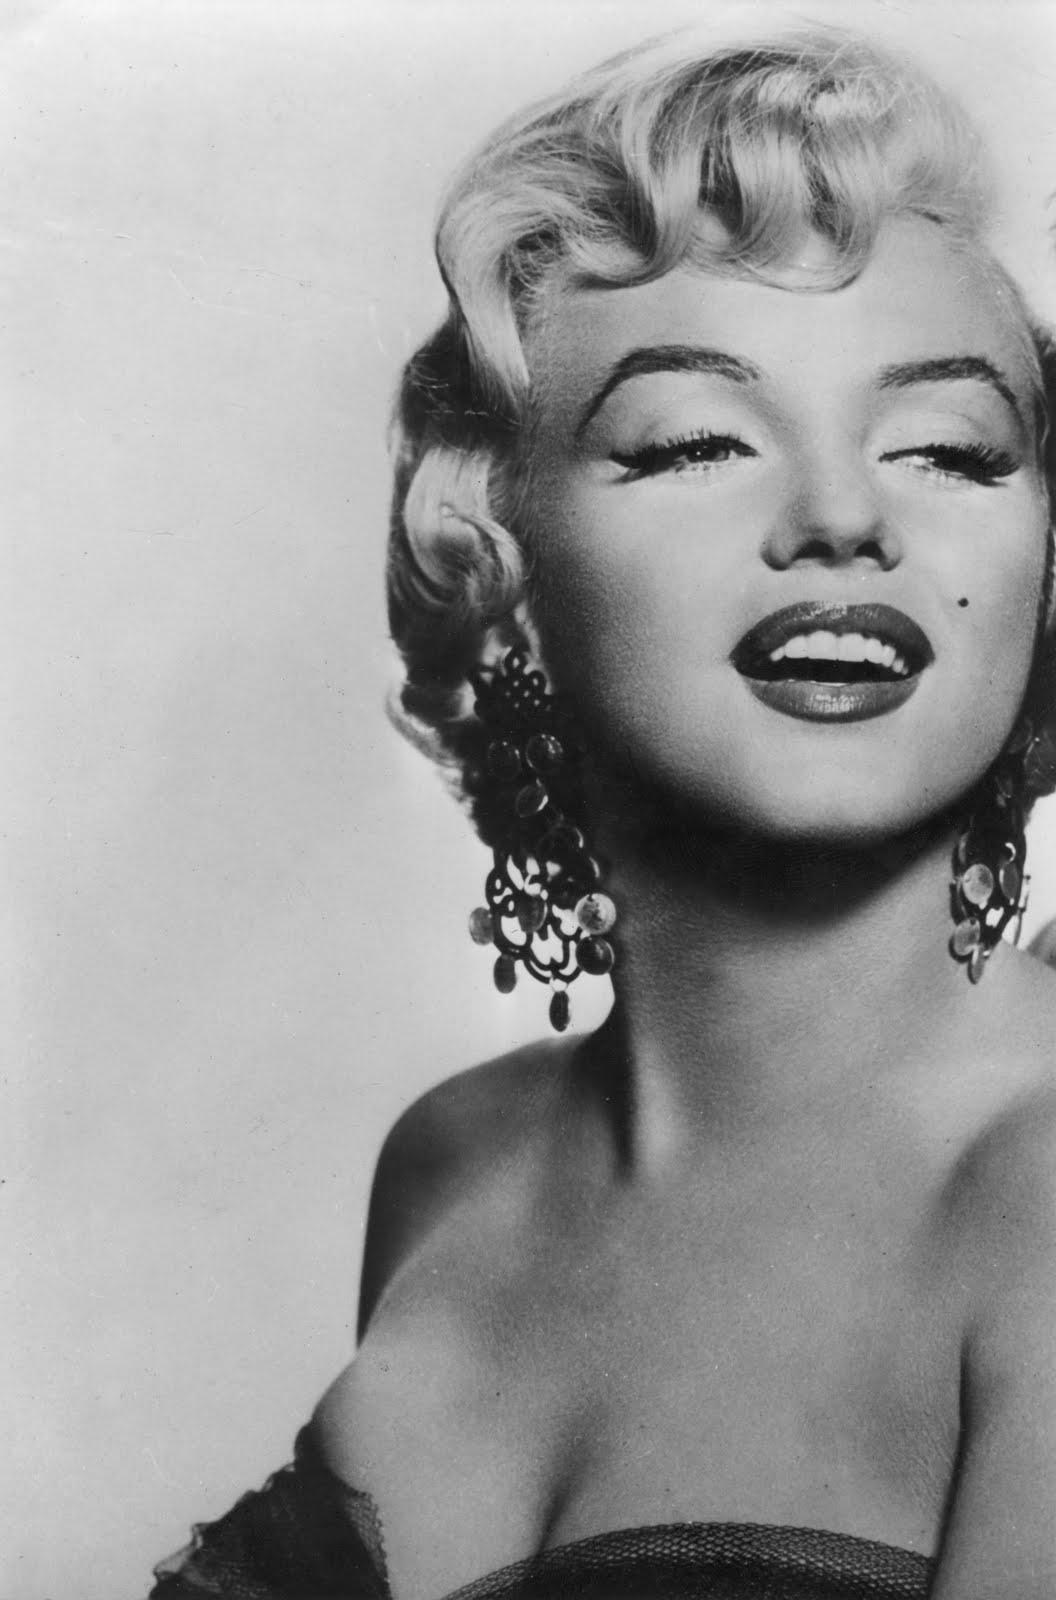 http://1.bp.blogspot.com/-G43JuUSpkas/TbIcDxCgxuI/AAAAAAAAAaM/Yu1zuflTqPY/s1600/Marilyn-Monroe-hi-res-1.jpg